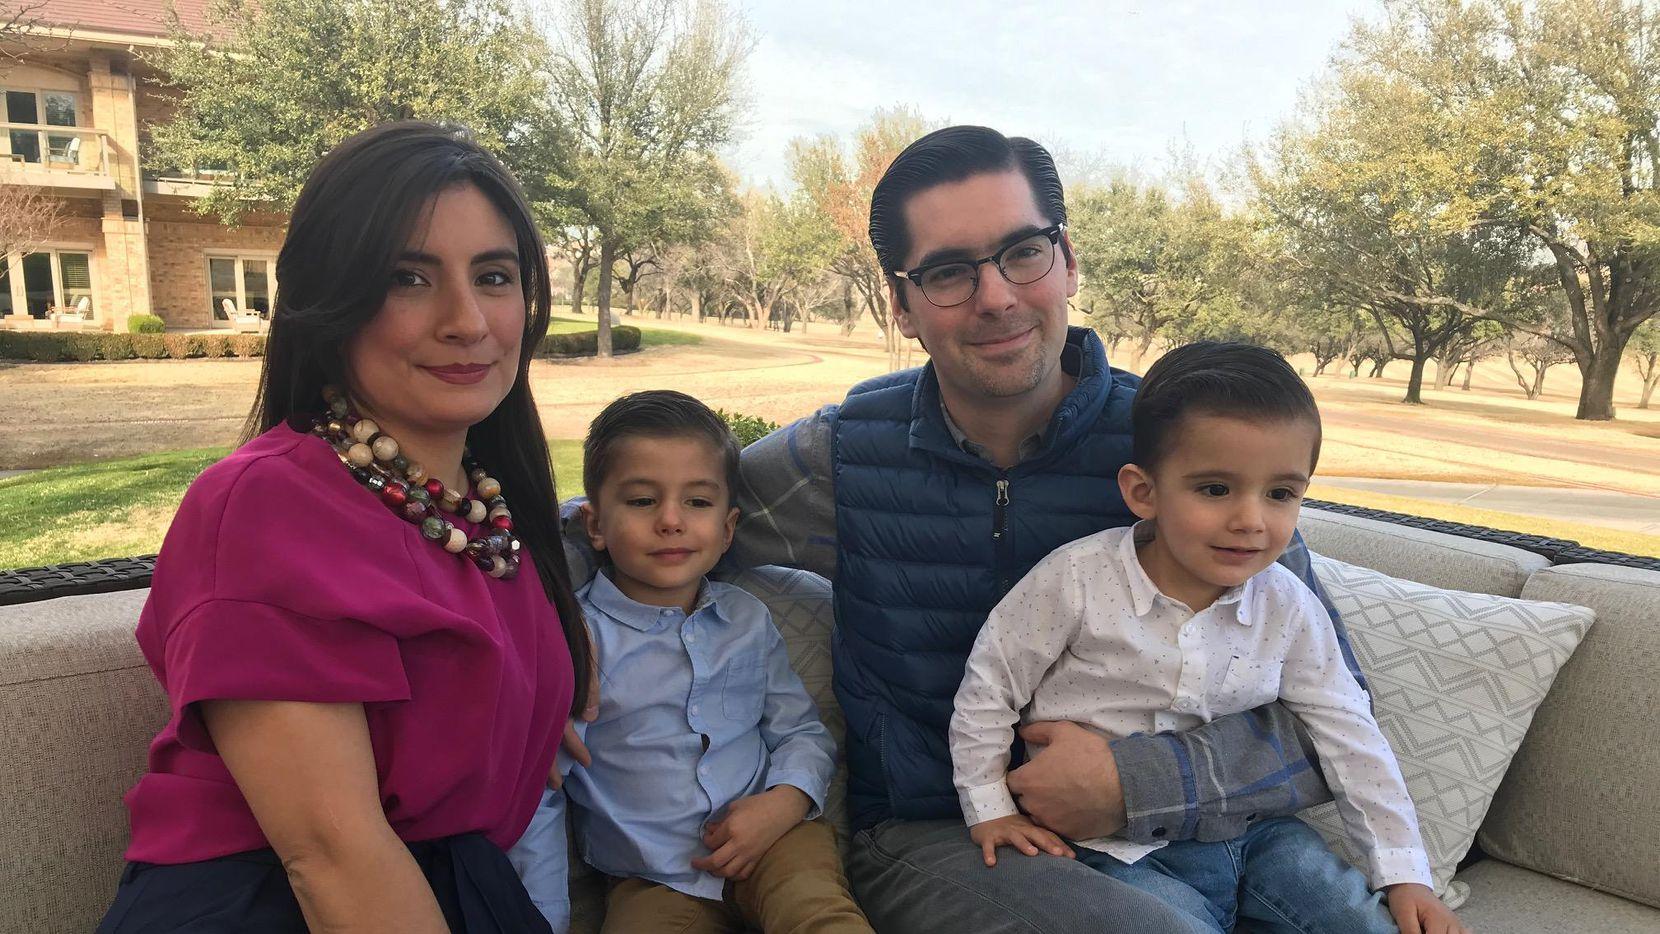 David Salazar, quien trabaja en Mission Foods, junto a su esposa Brenda y sus hijos, provenientes de Monterrey. (DMN/ALFREDO CORCHADO)